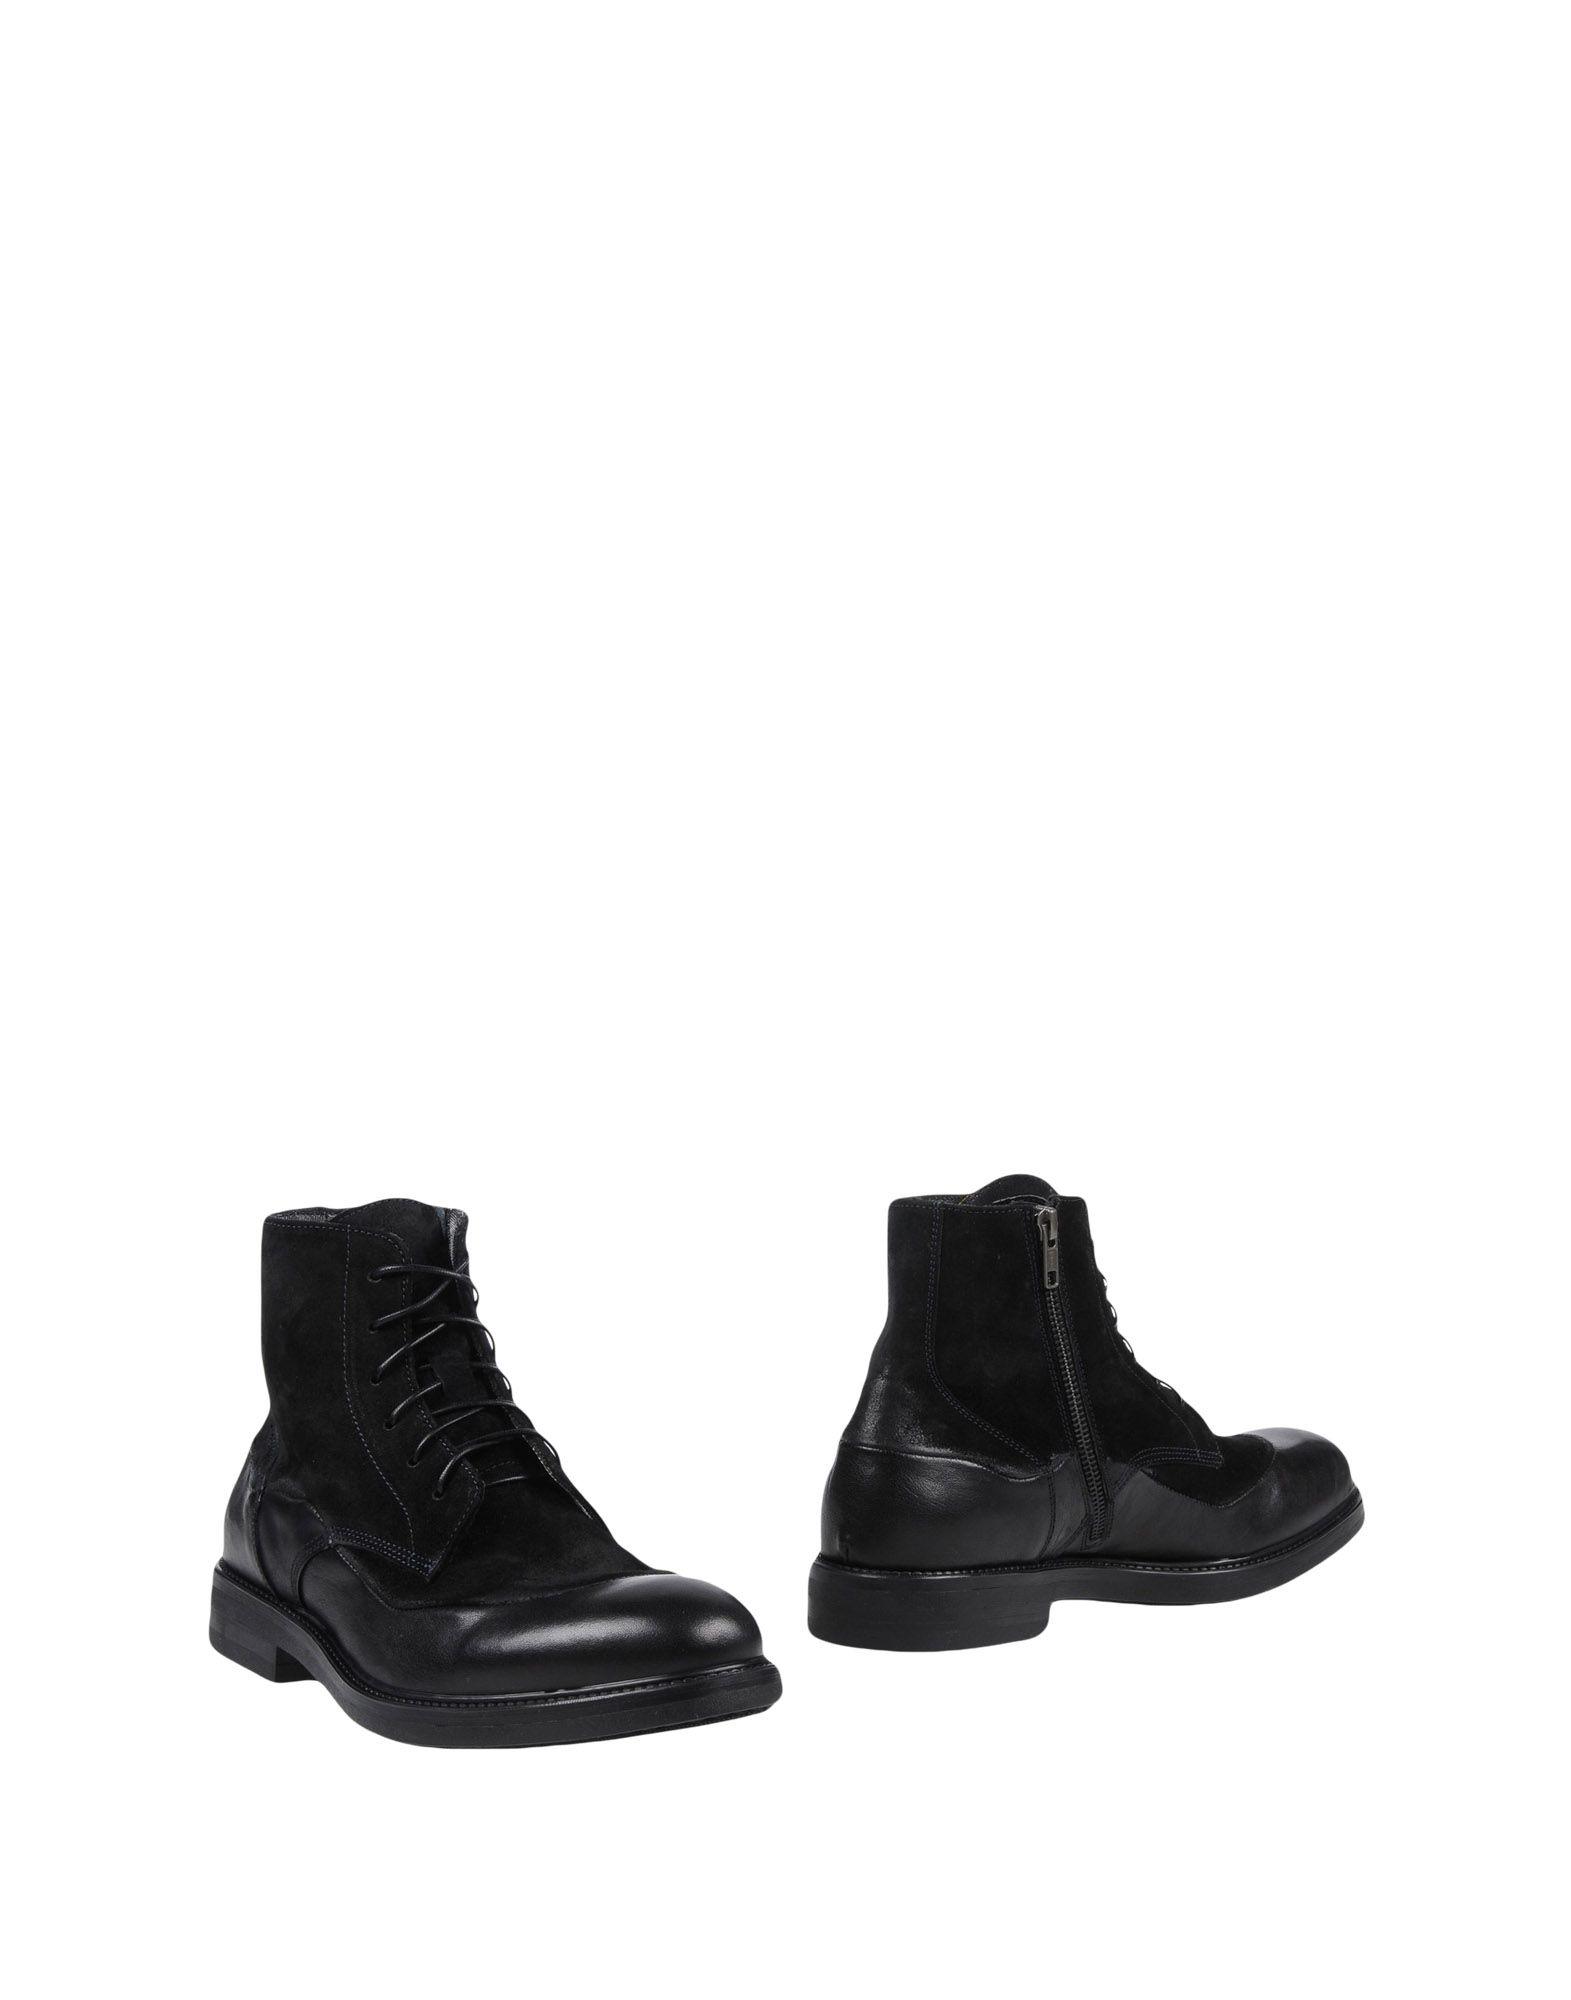 Alexander Hotto Stiefelette Herren  11451660XH Gute Qualität beliebte Schuhe